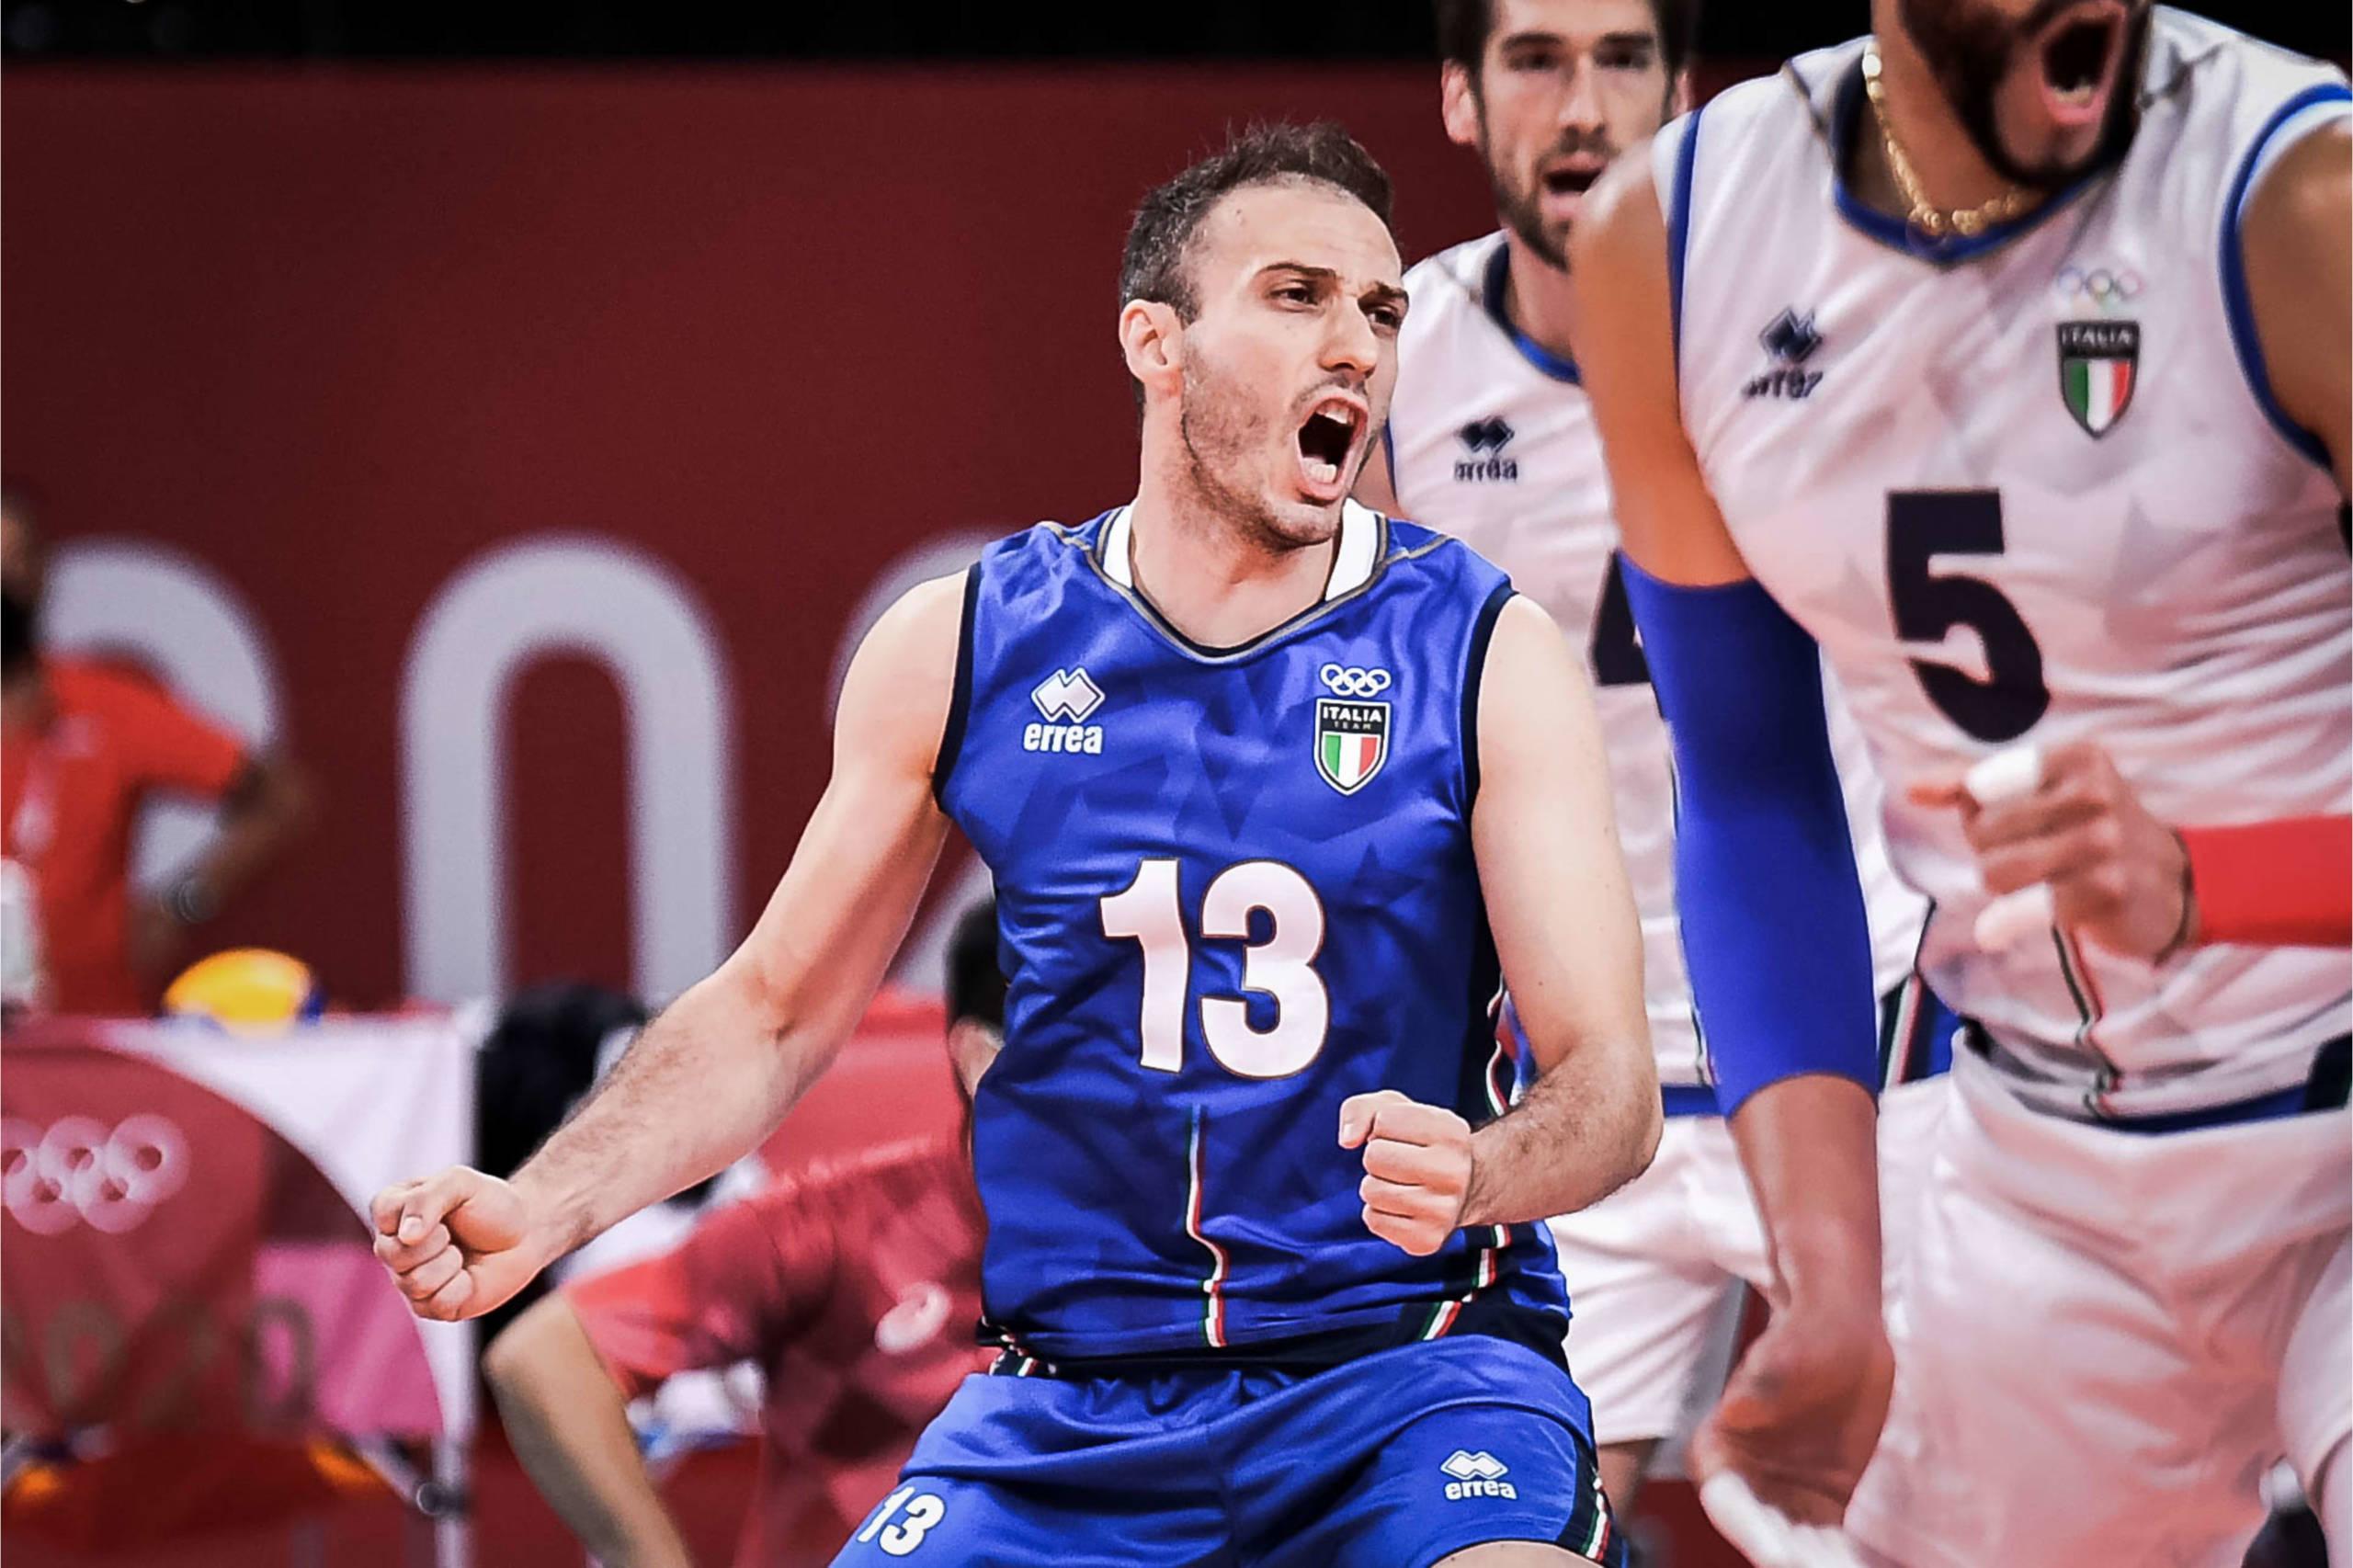 LIVE Italia Argentina 1 0, Olimpiadi volley in DIRETTA: gli azzurri dominano il primo set, 25 21